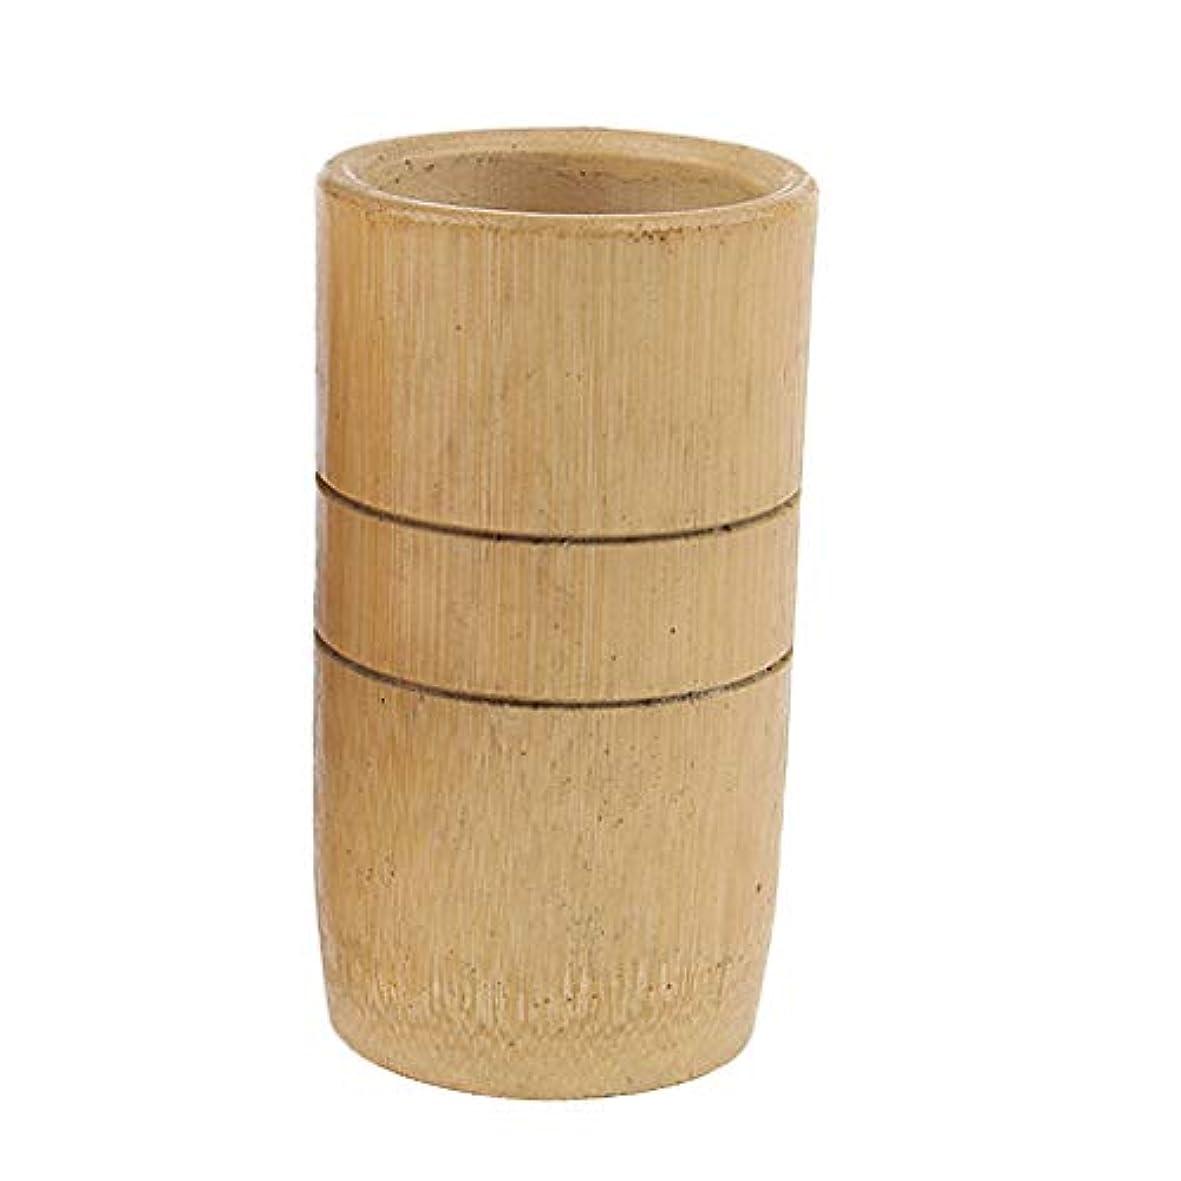 発表階土地chiwanji マッサージカップ 吸い玉 カッピング 天然竹製 男女兼用 2個入